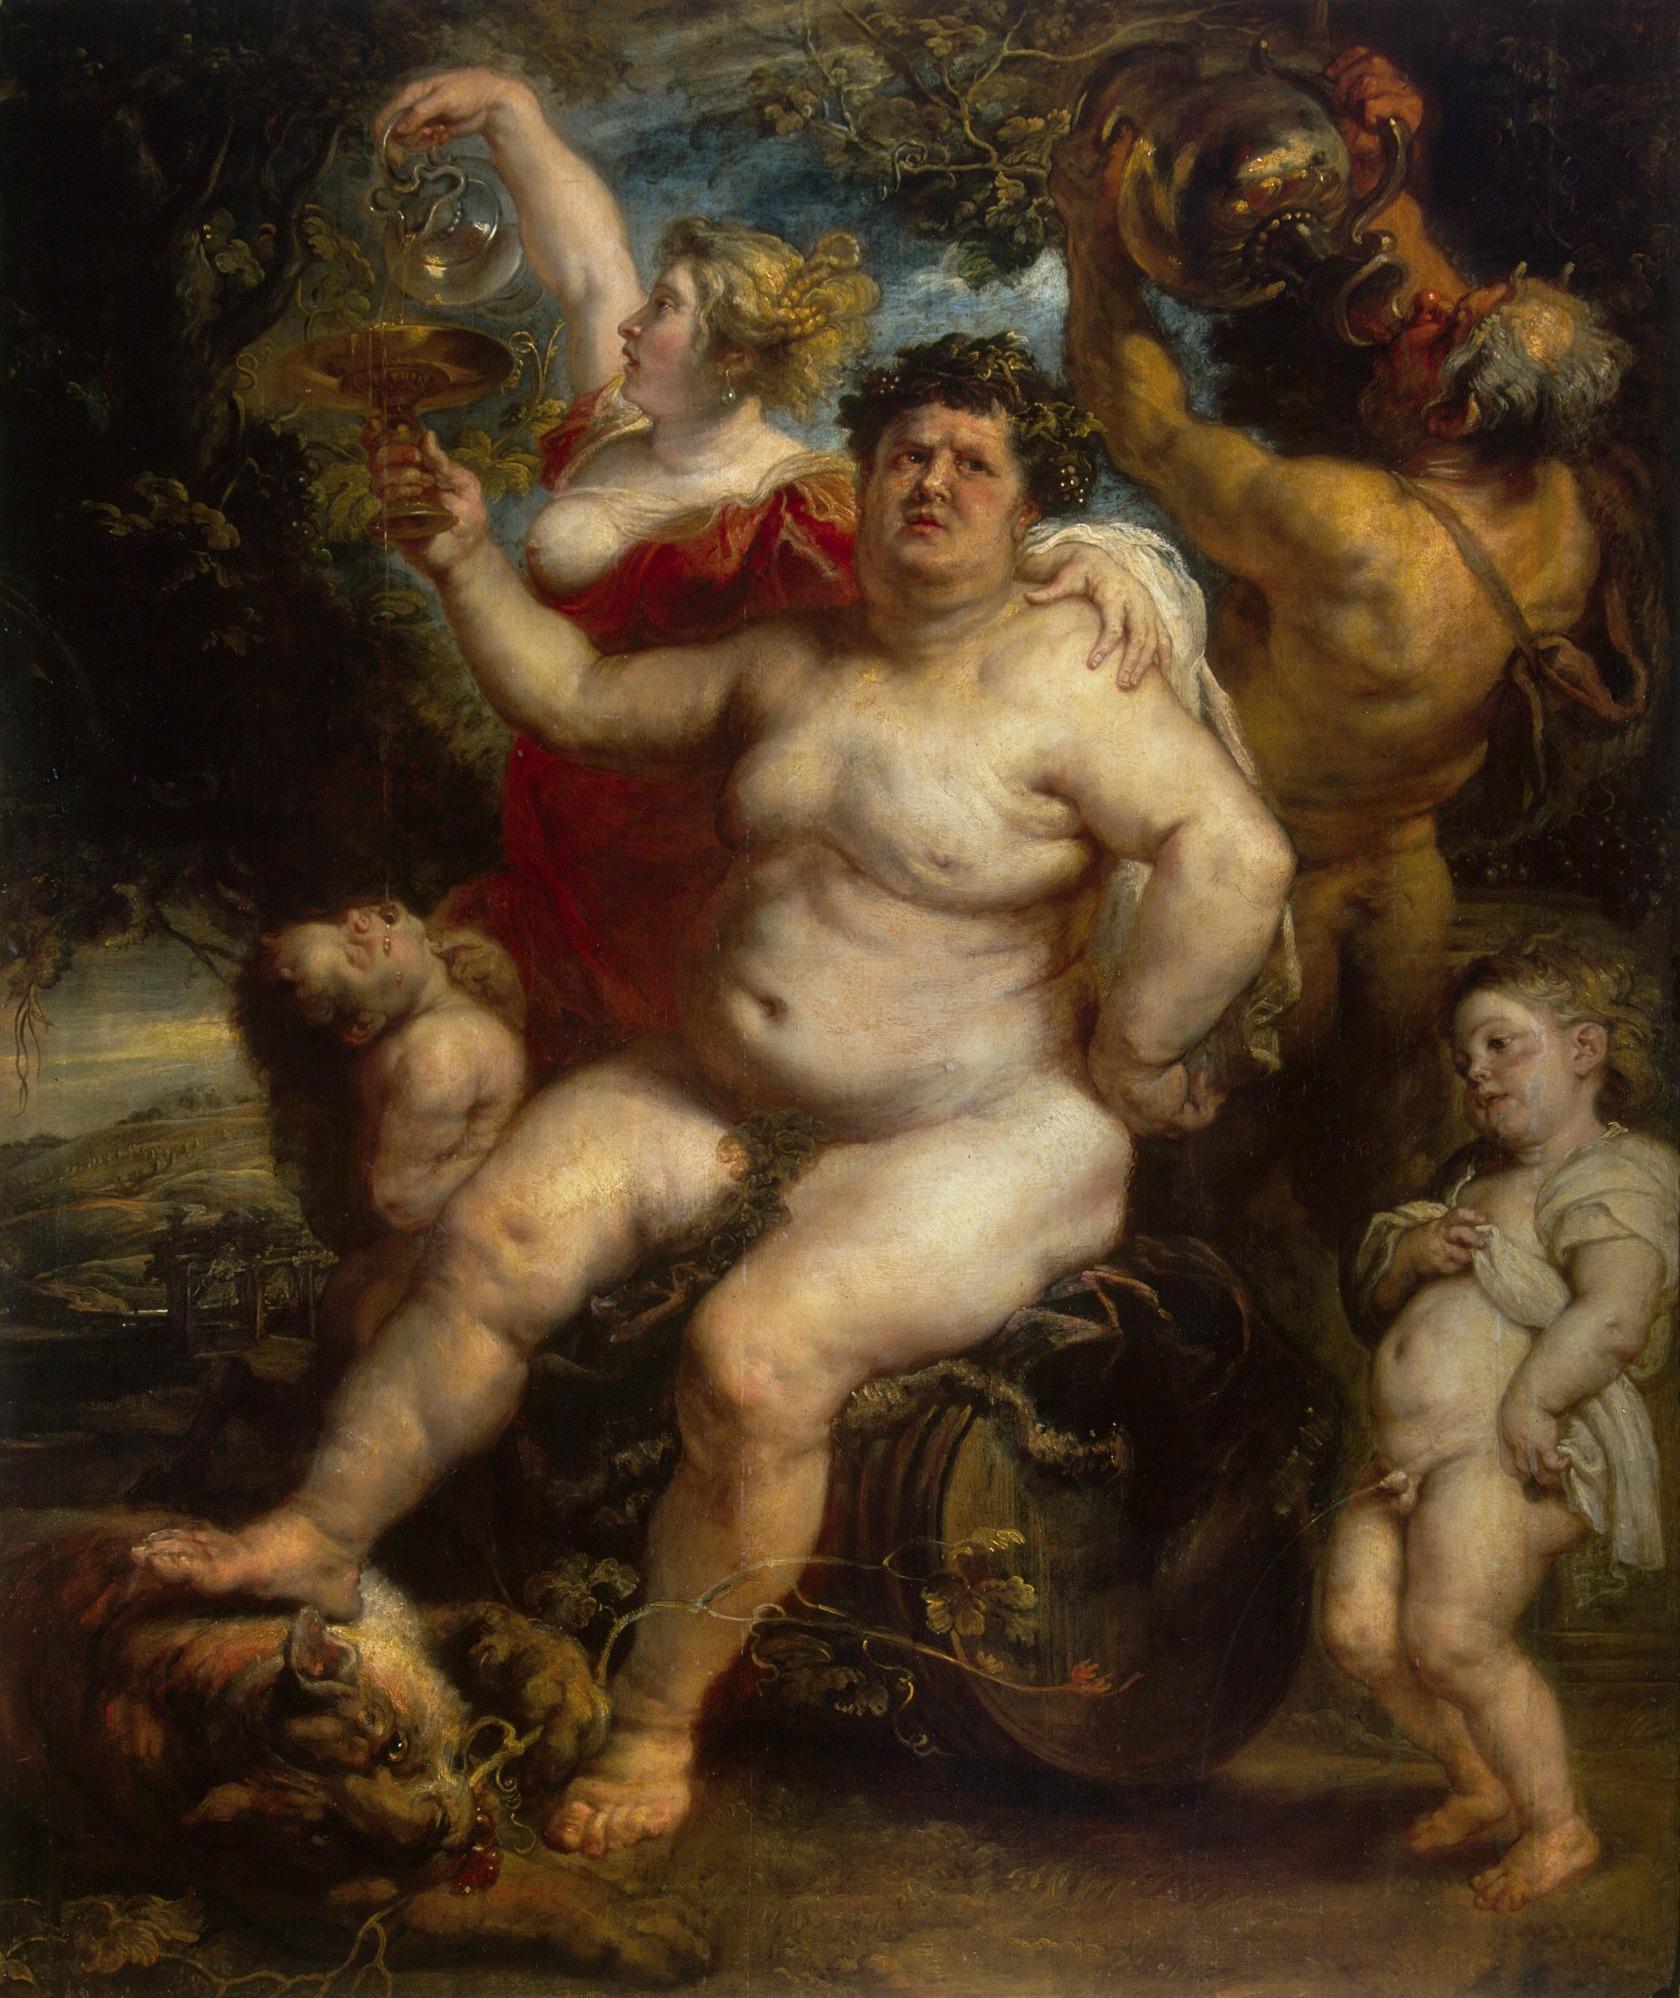 Rubens, Bacchus, festette: 1638-1640, olaj, vászon, 191x161,3 cm (Ermitázs Múzeum, Szentpétervár, Oroszország)